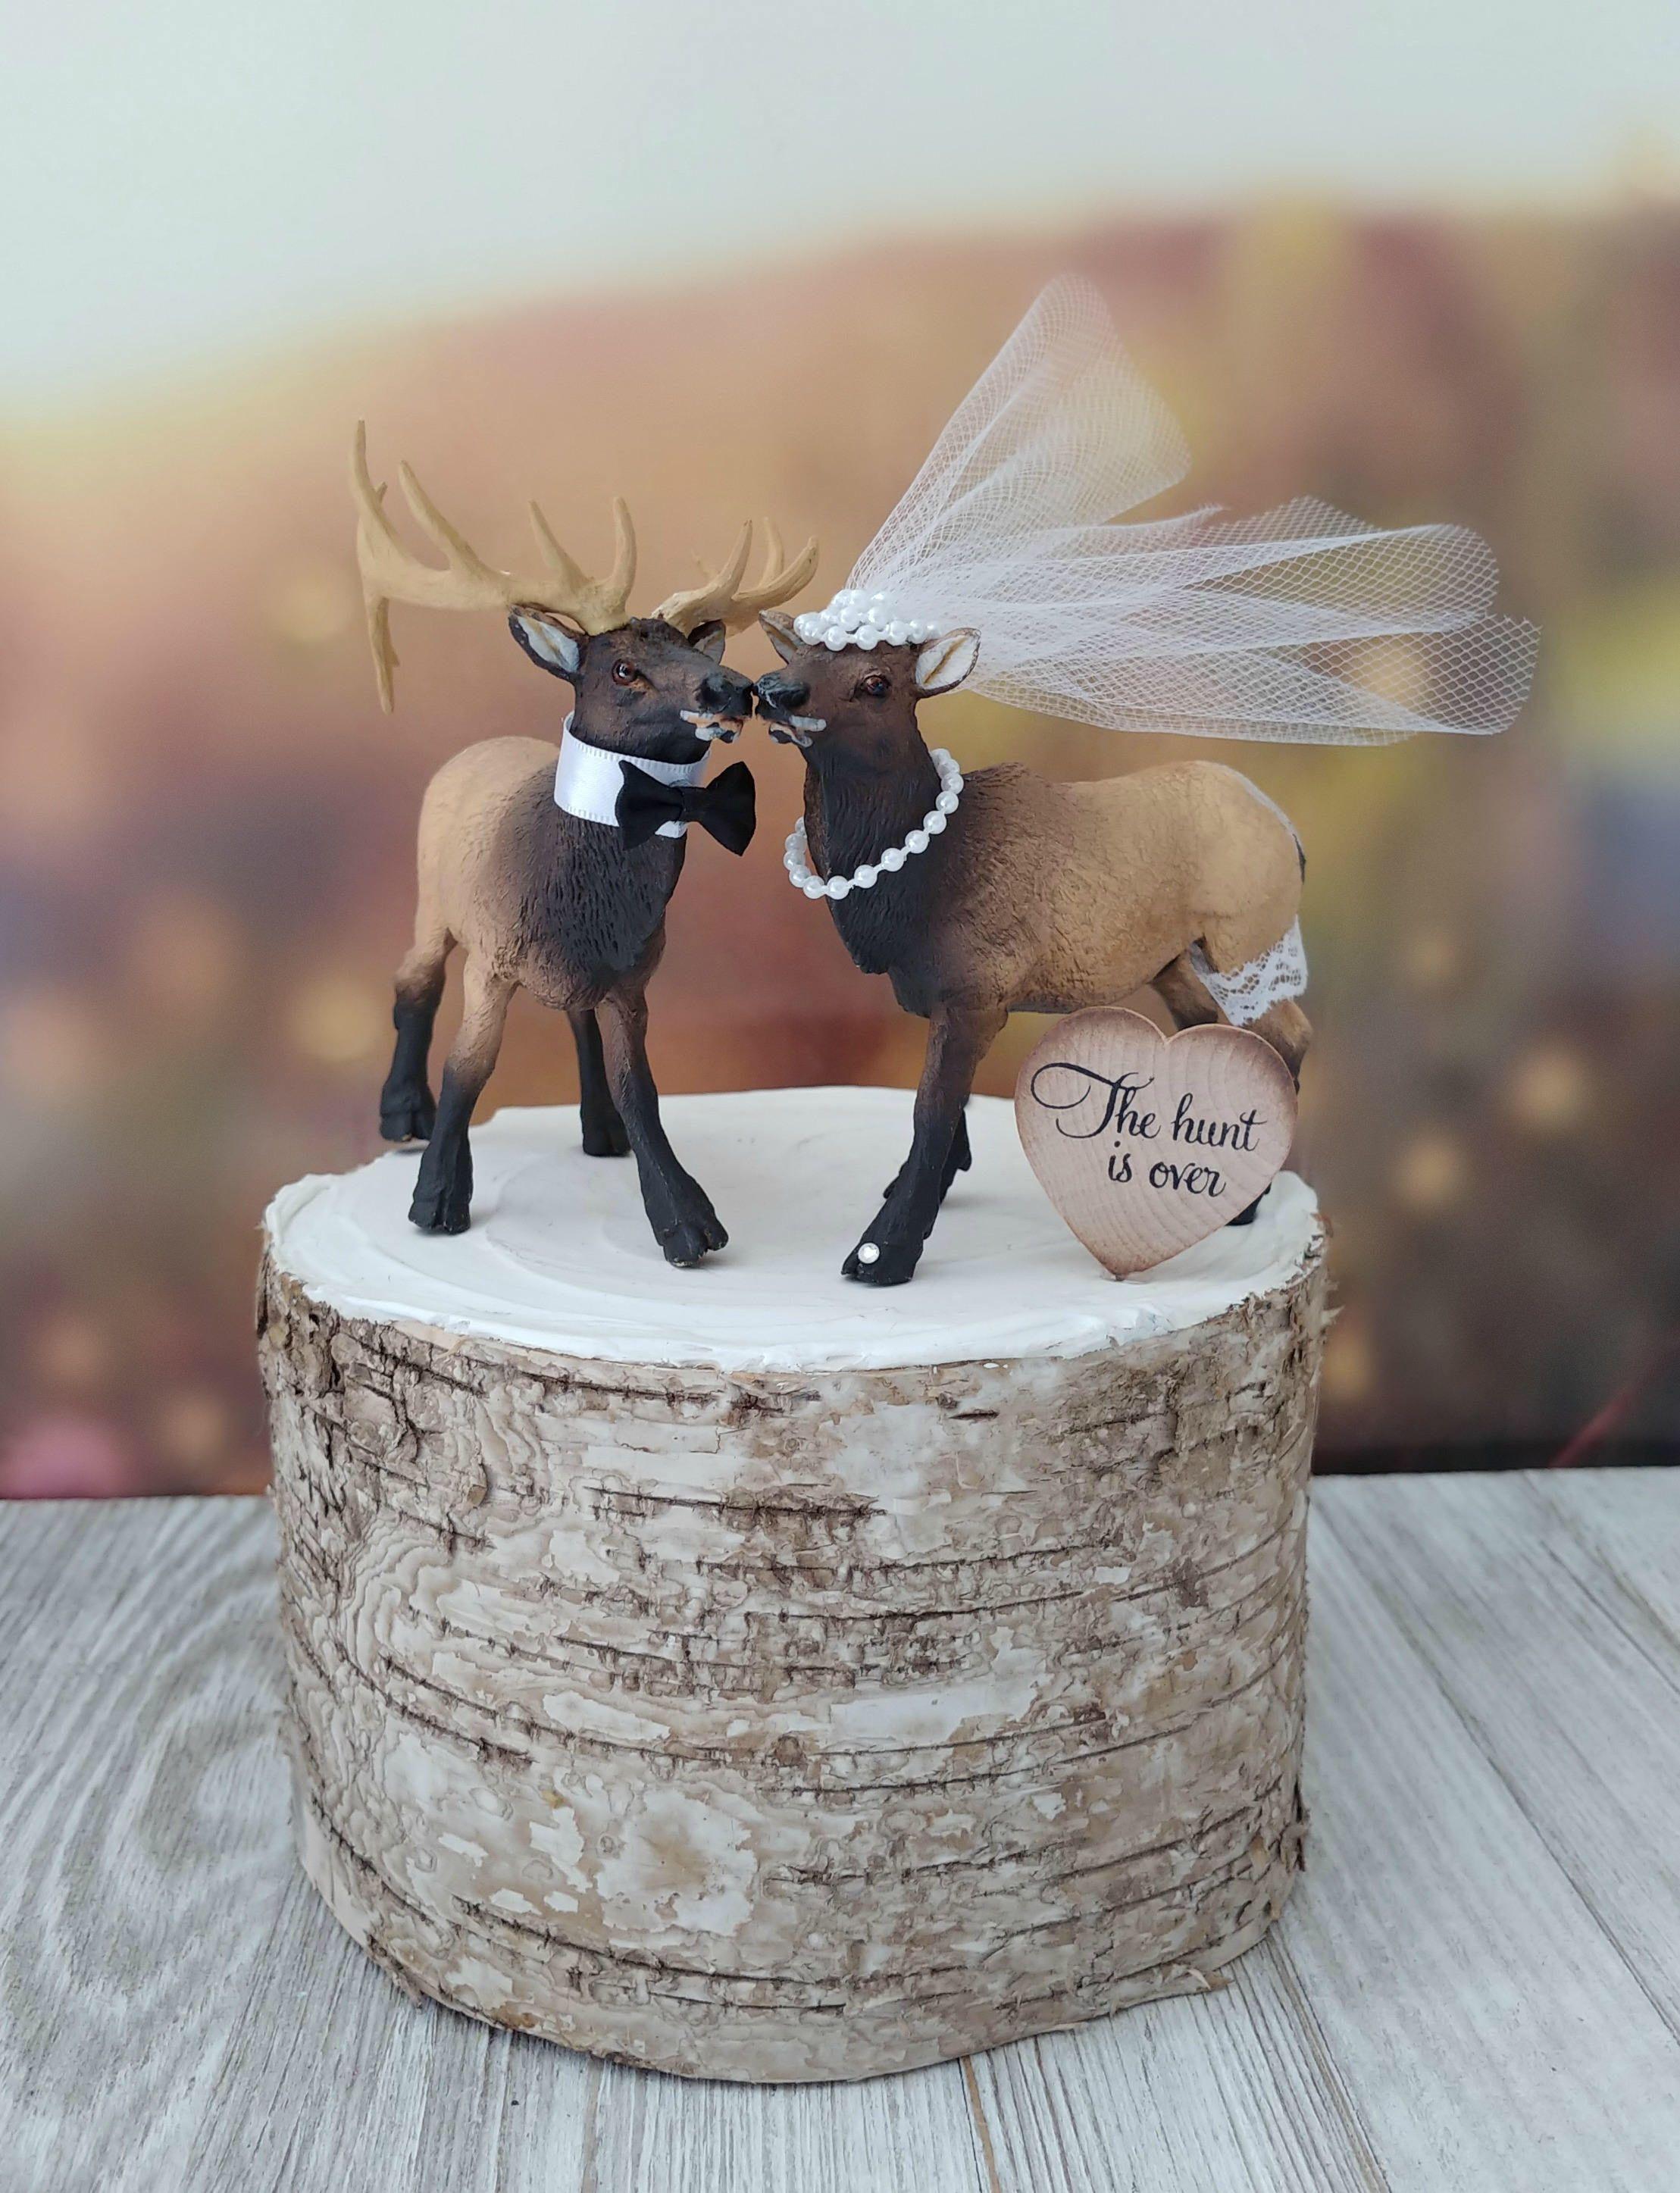 Elkelk hunterwedding cake topperhunting etsy hunter